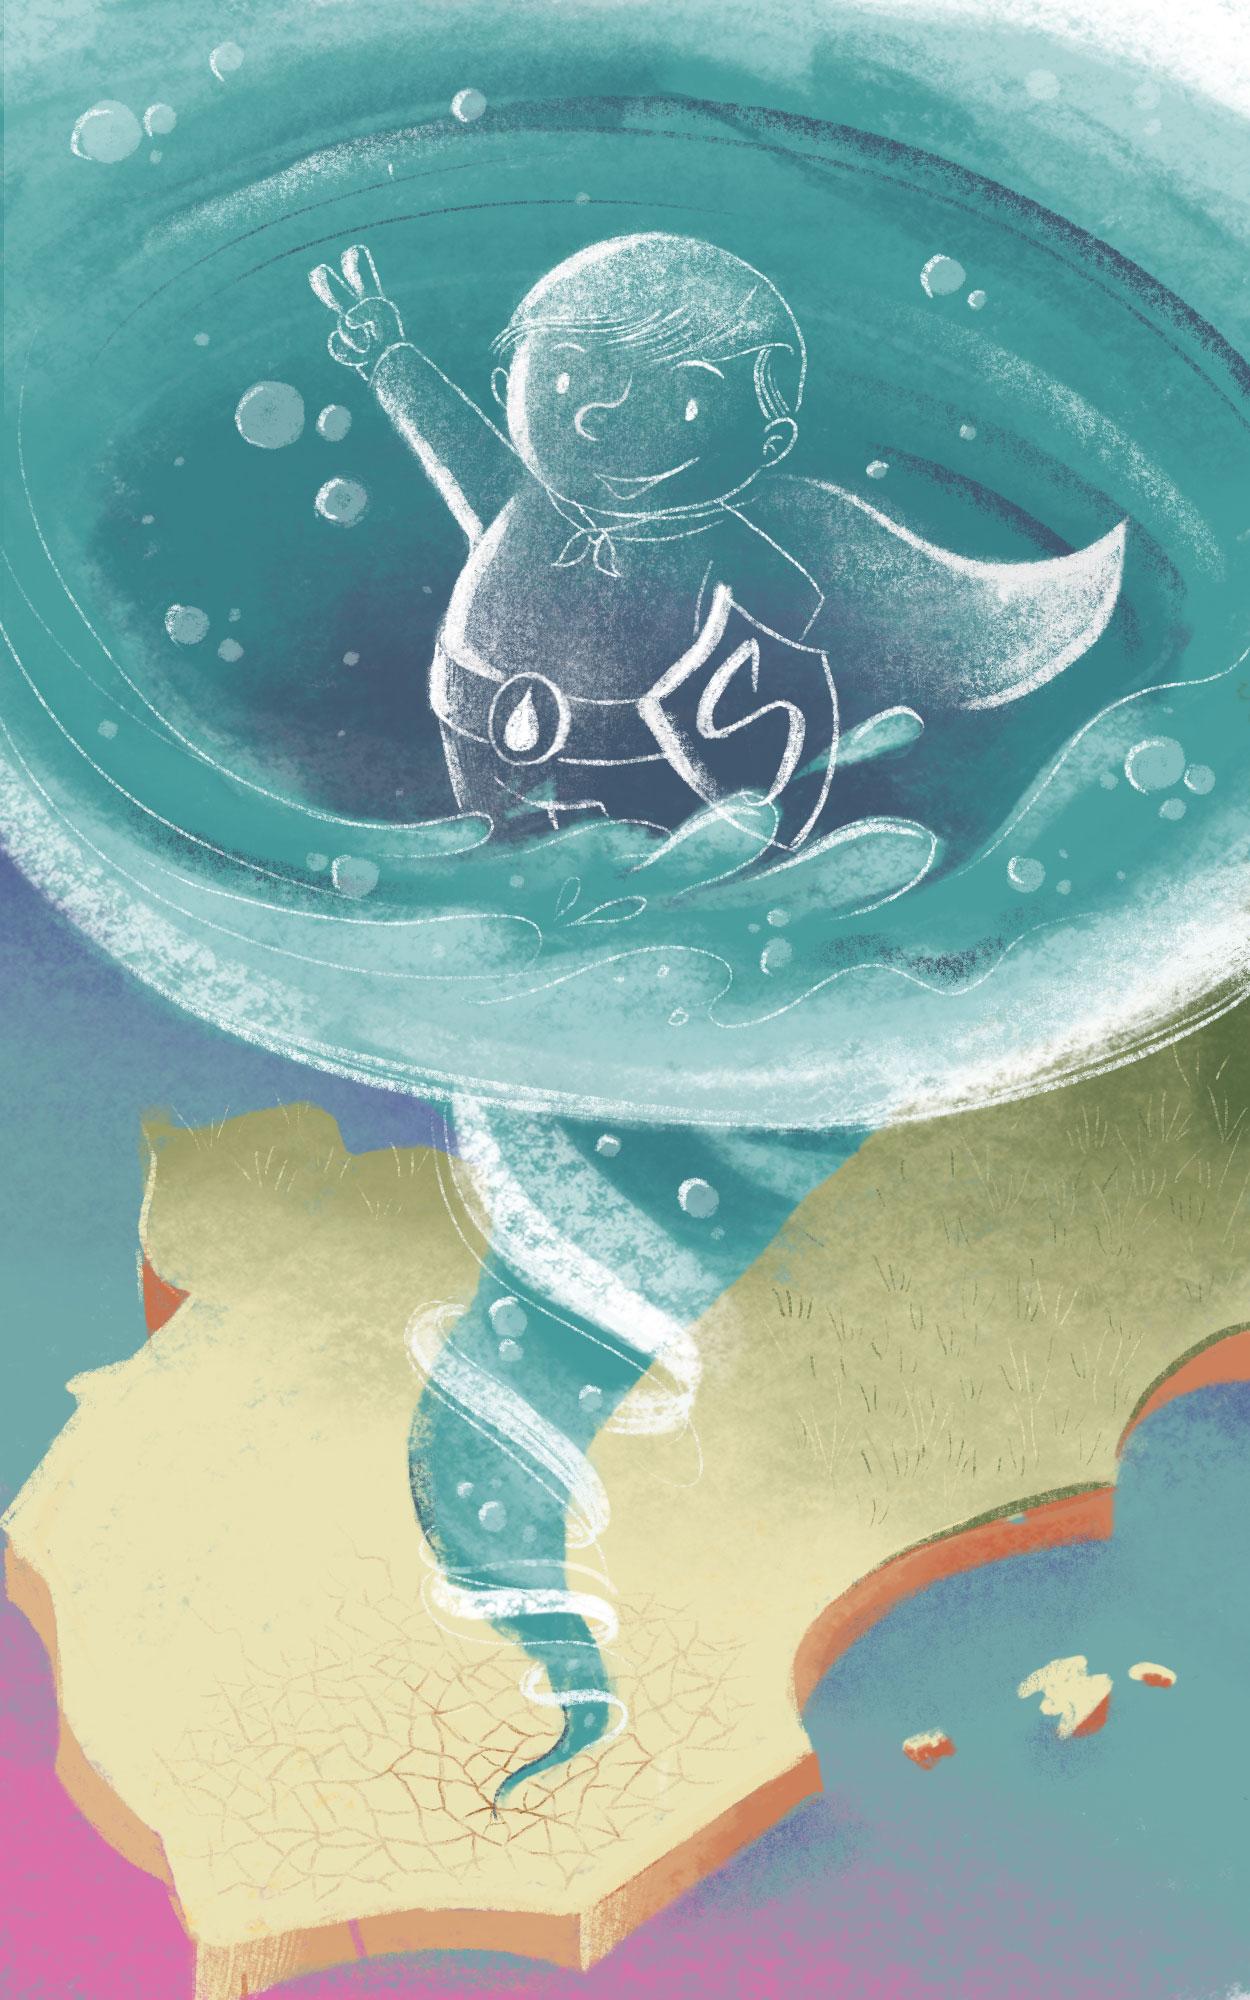 Manantial, el agua como fuente de vida - Principia